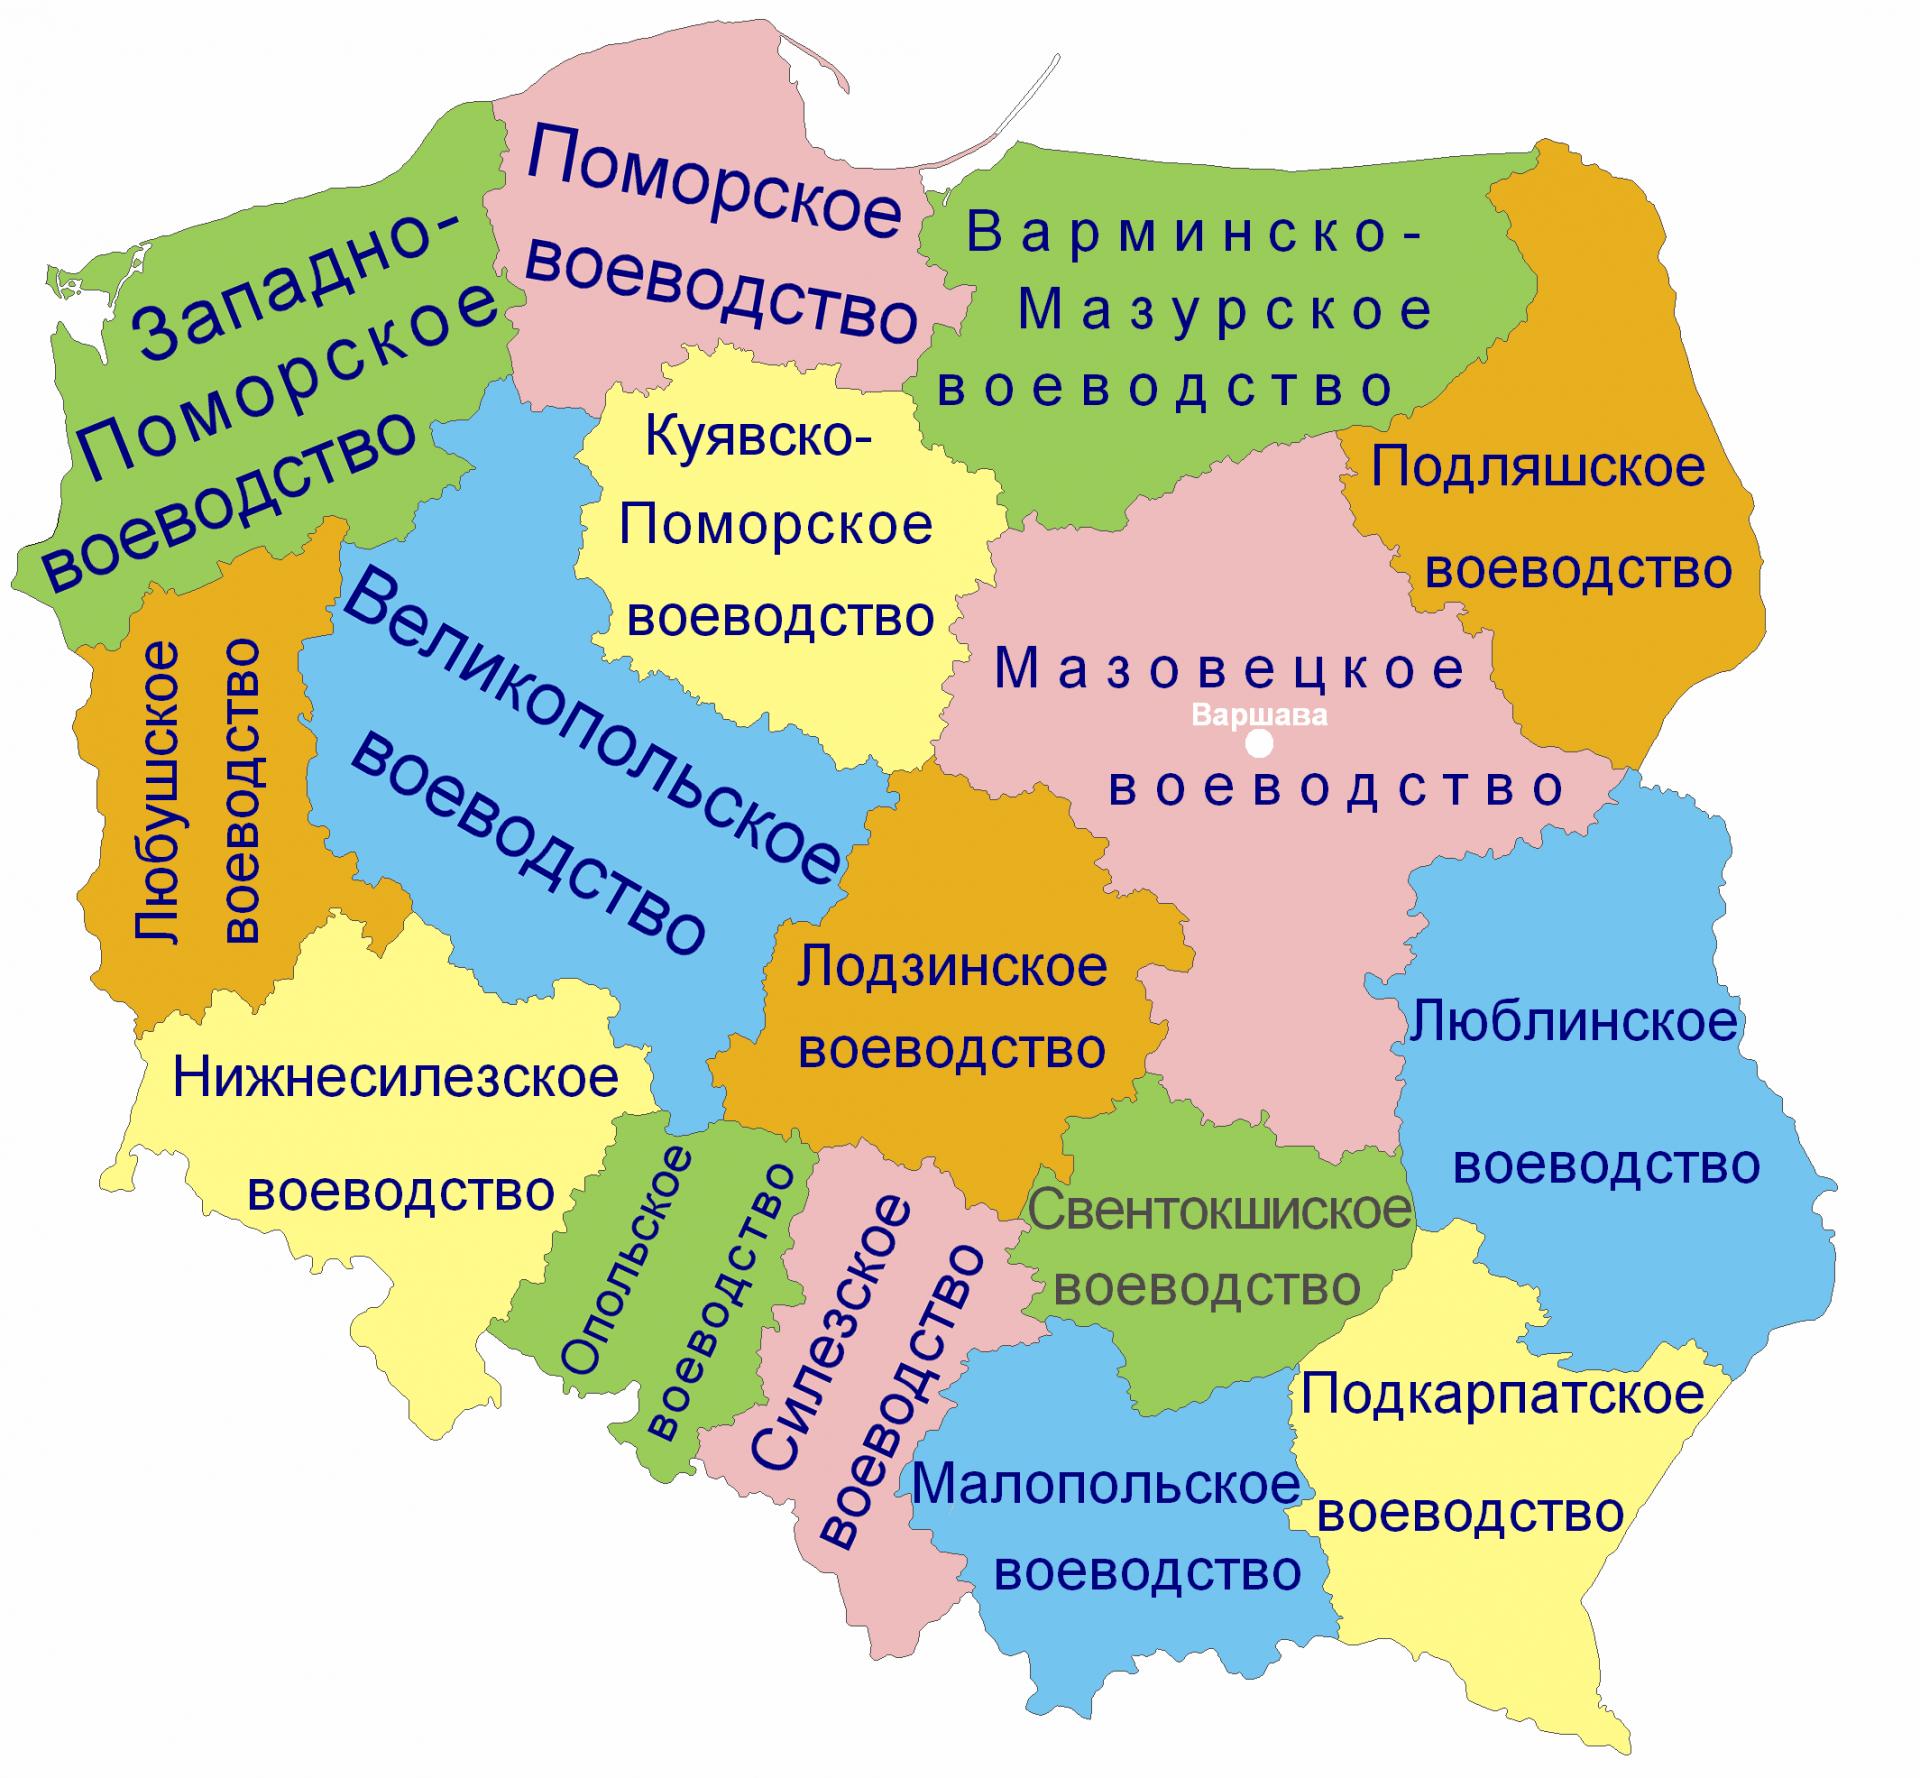 Карта Польши. Силезское воеводство - внизу ближе к левою краю